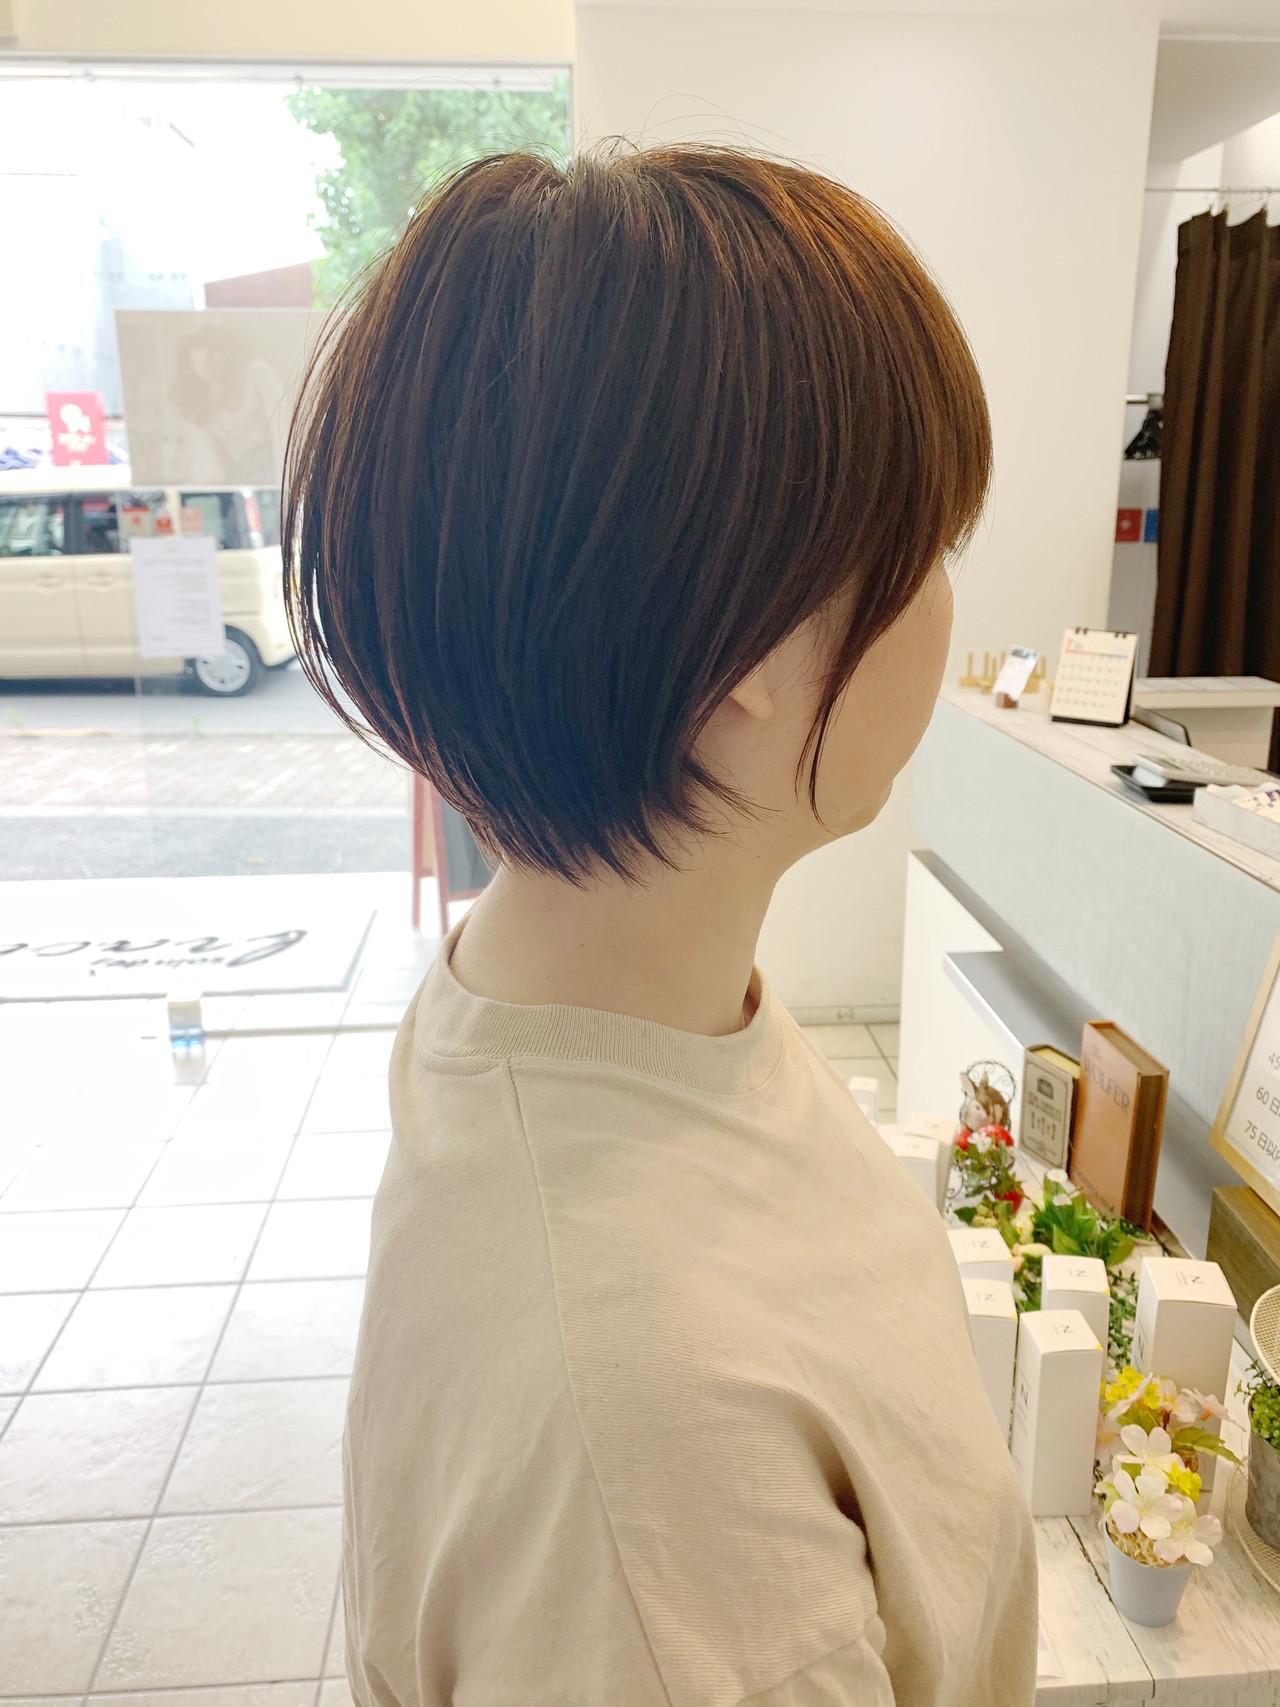 ミニボブ ショート ショートヘア 切りっぱなしボブ ヘアスタイルや髪型の写真・画像 | 石田純一 / brace上新庄店